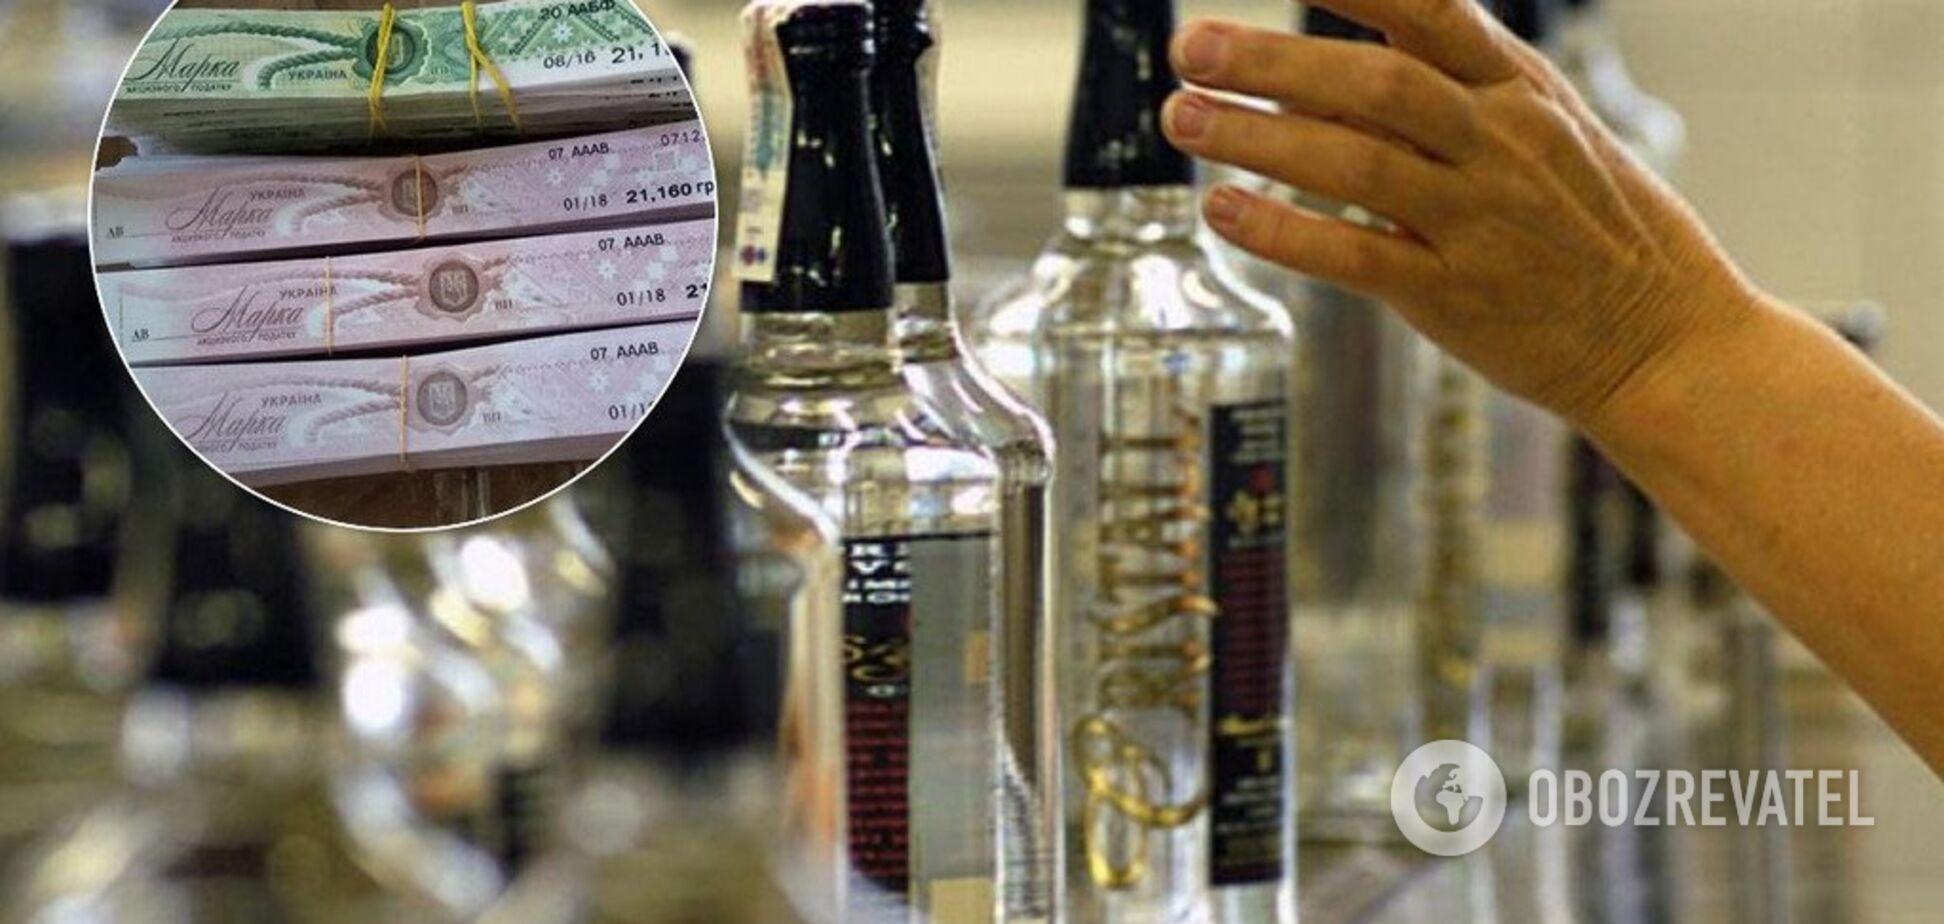 Гончарук оголосив війну підробленому алкоголю: стало відомо, коли почнеться